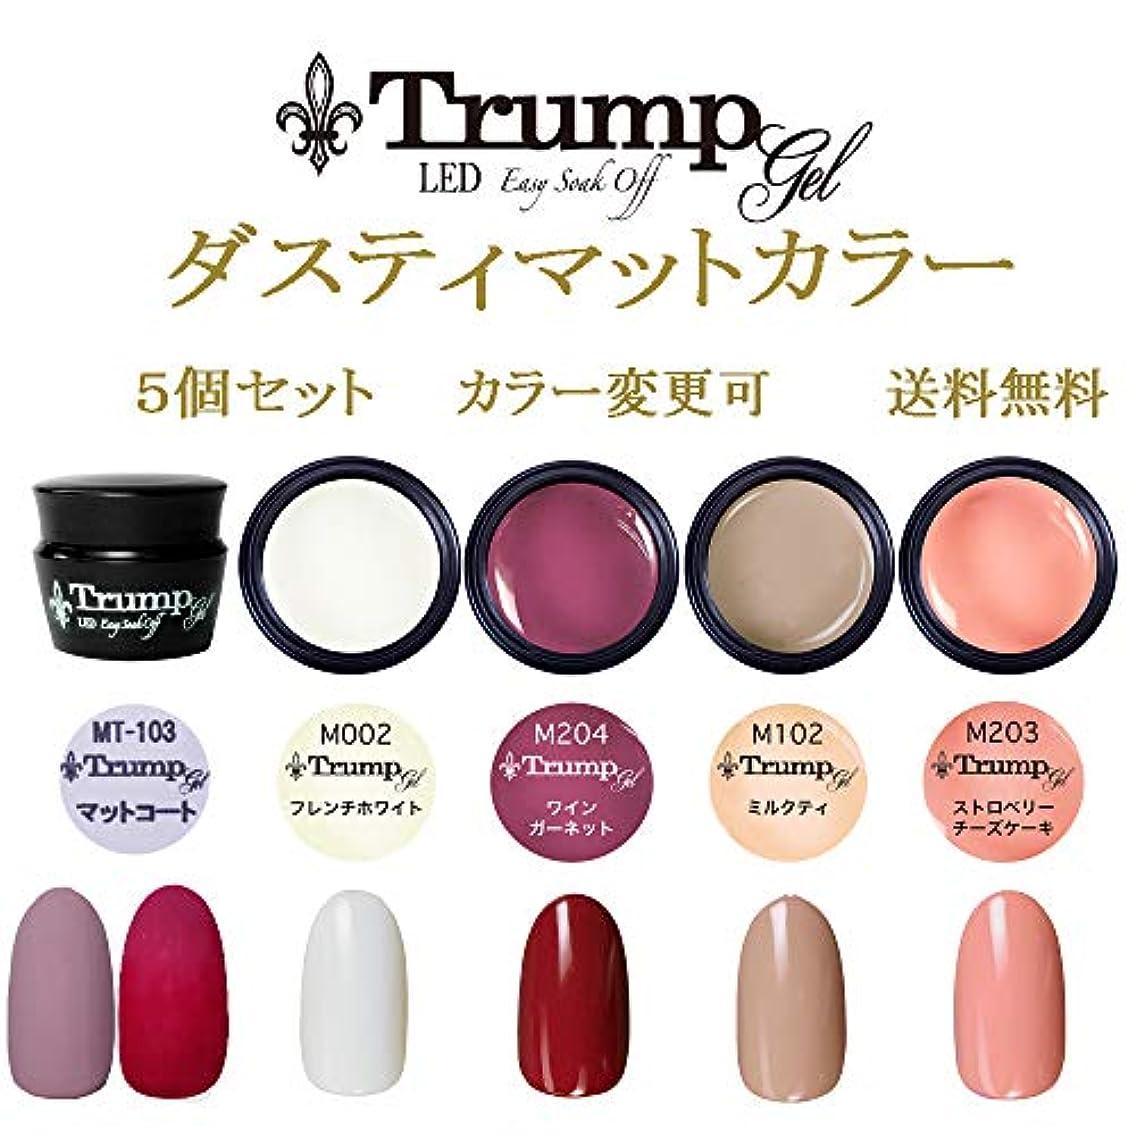 広範囲粒通行人【送料無料】日本製 Trump gel トランプジェル ダスティマット カラージェル 5個セット 魅惑のフロストマットトップとマットに合う人気カラーをチョイス